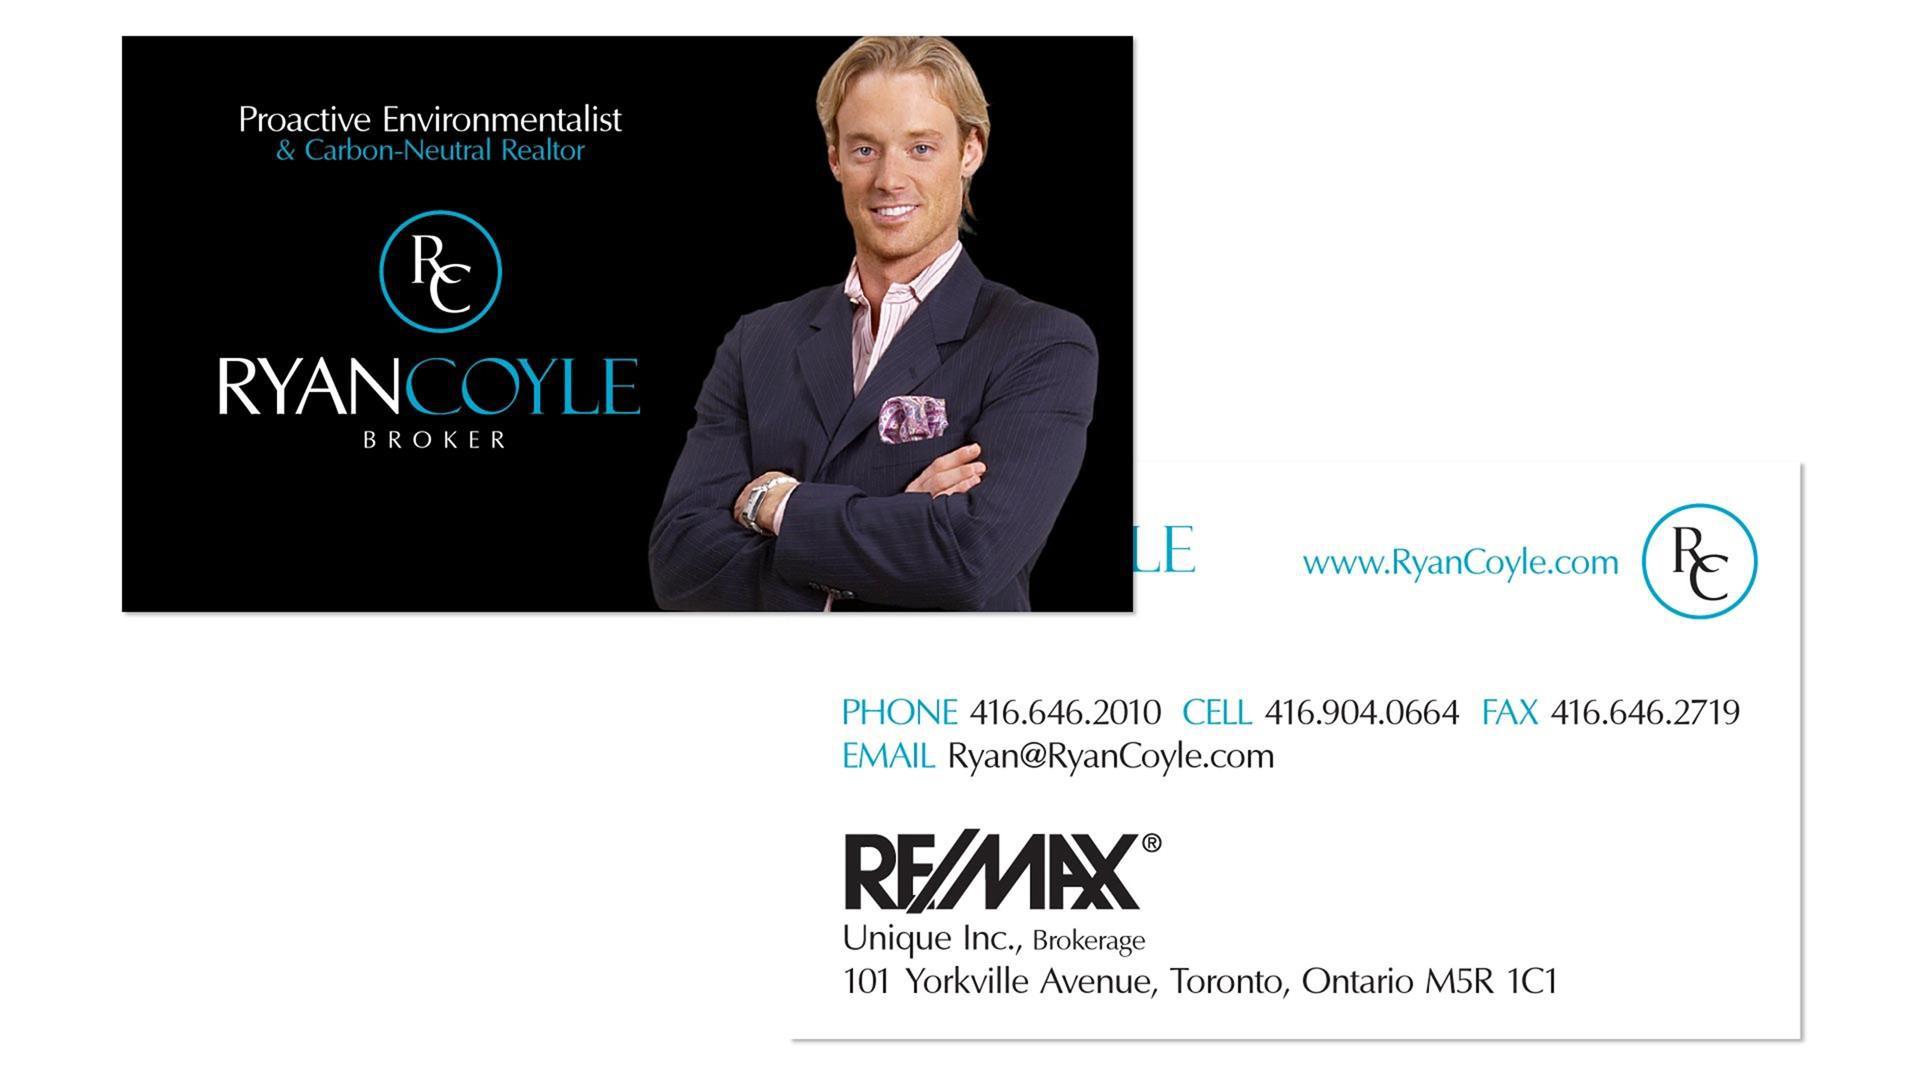 RyanCoyle